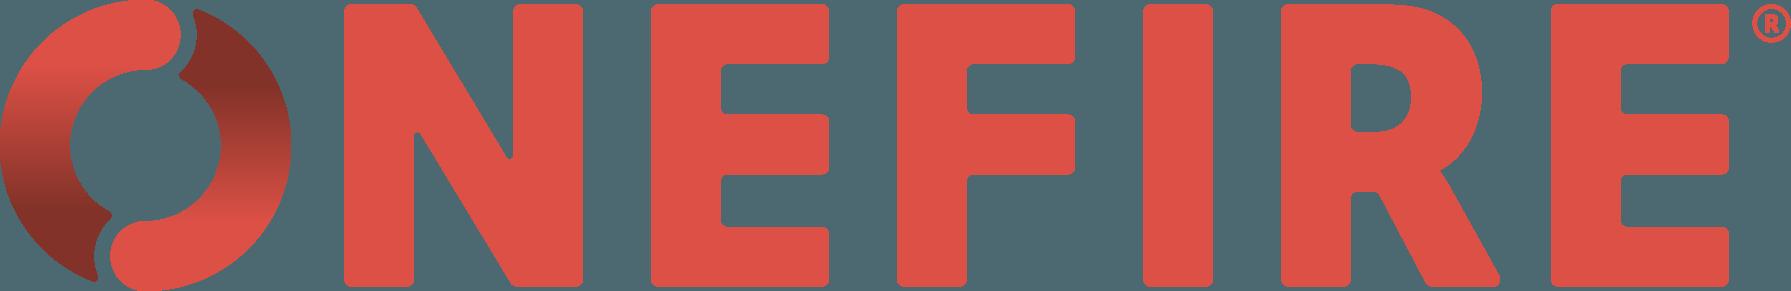 ONEFIRE Logo